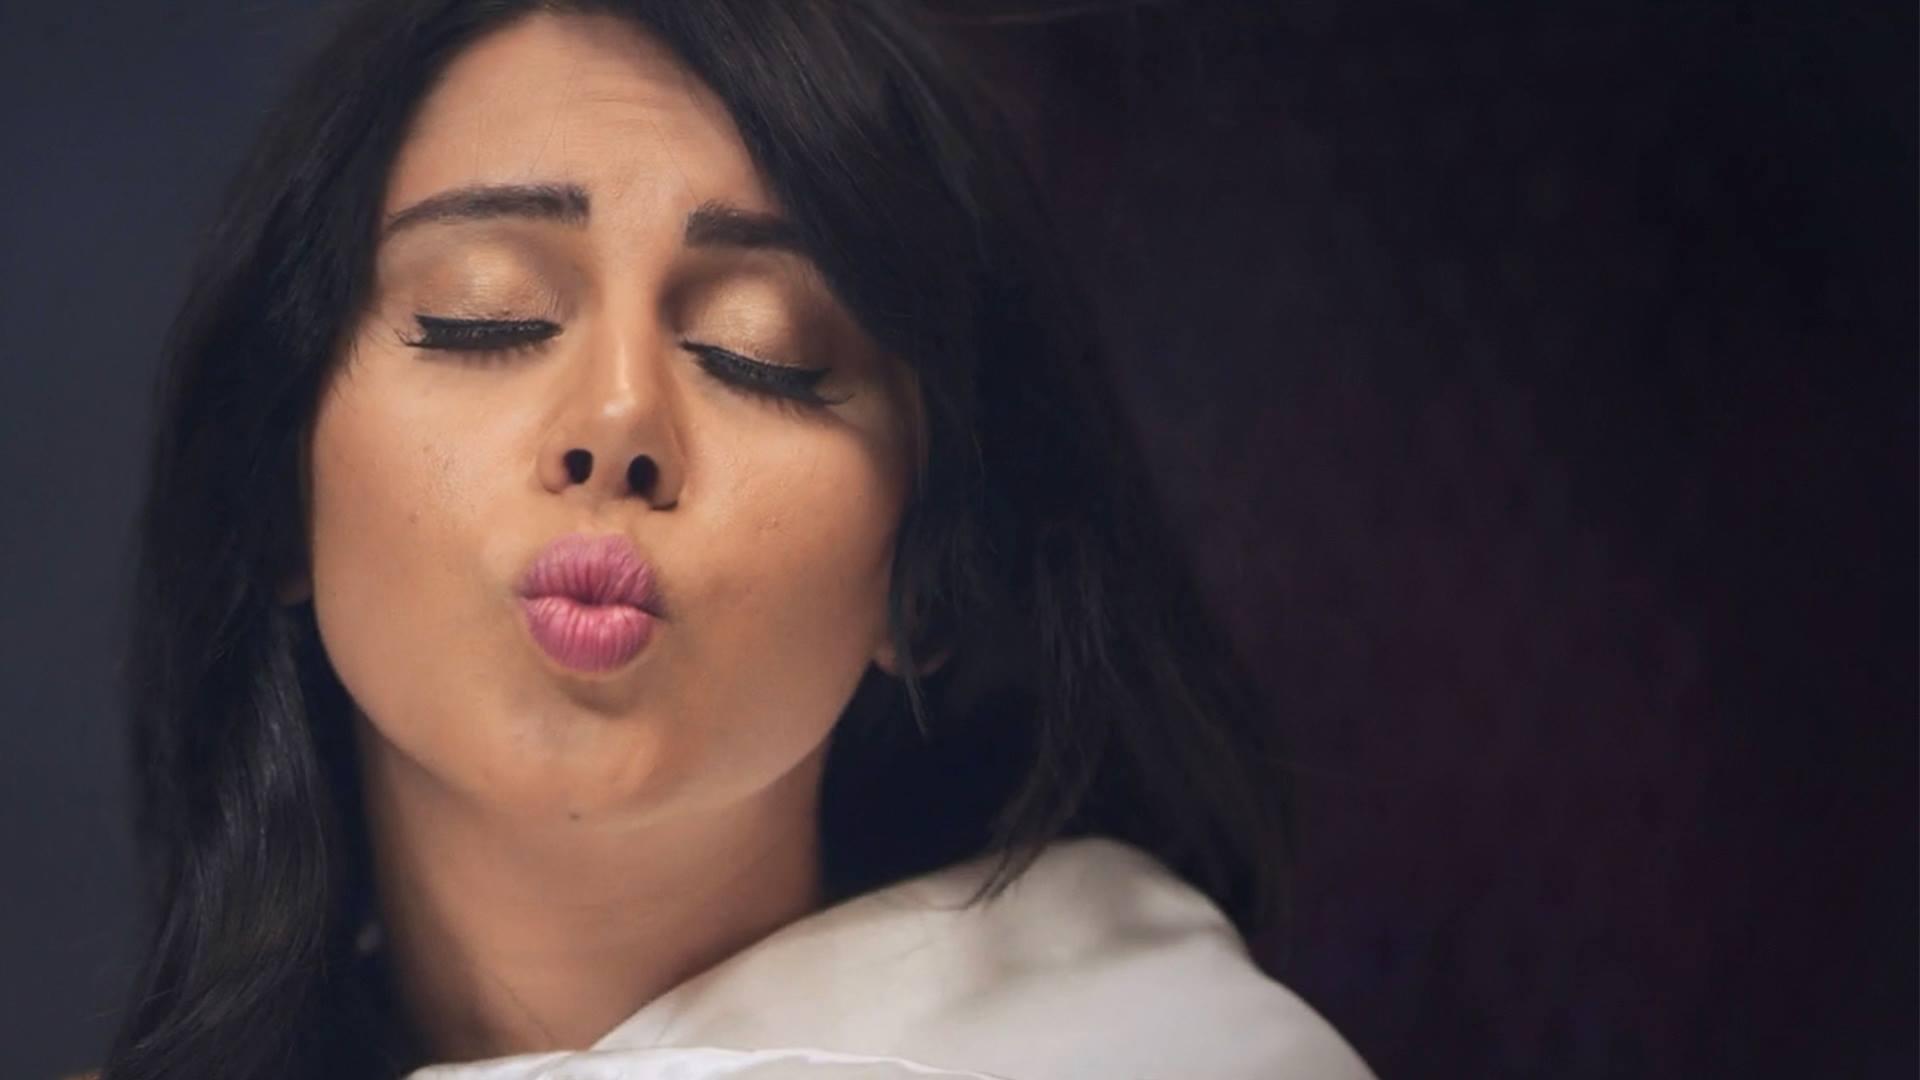 «بلاش تبوسني» أو البحث عن القبلة المفقودة في السينما المصرية